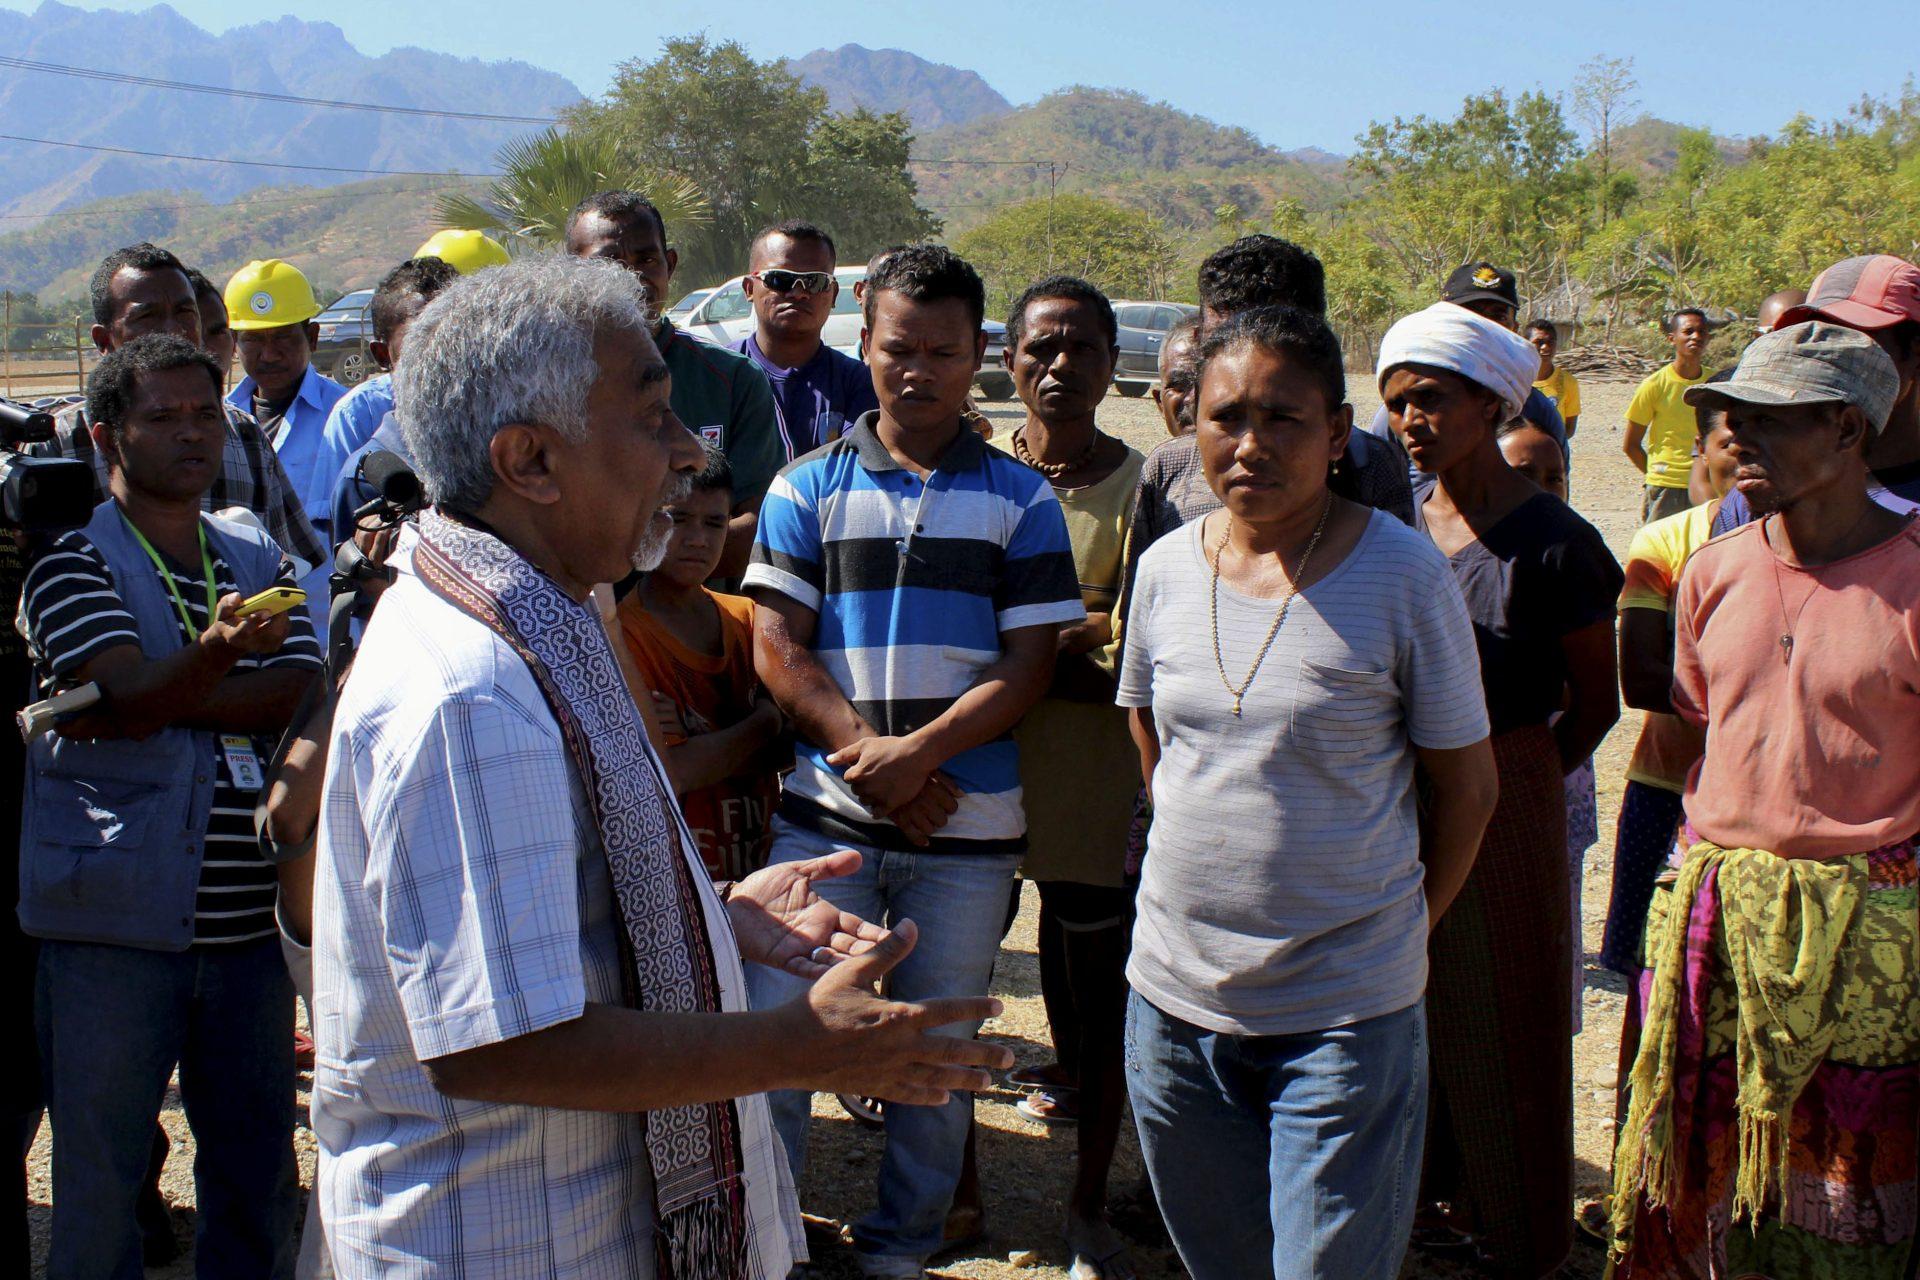 """Ensino do português é o """"único caminho"""" da afirmação nacional de Timor-Leste"""